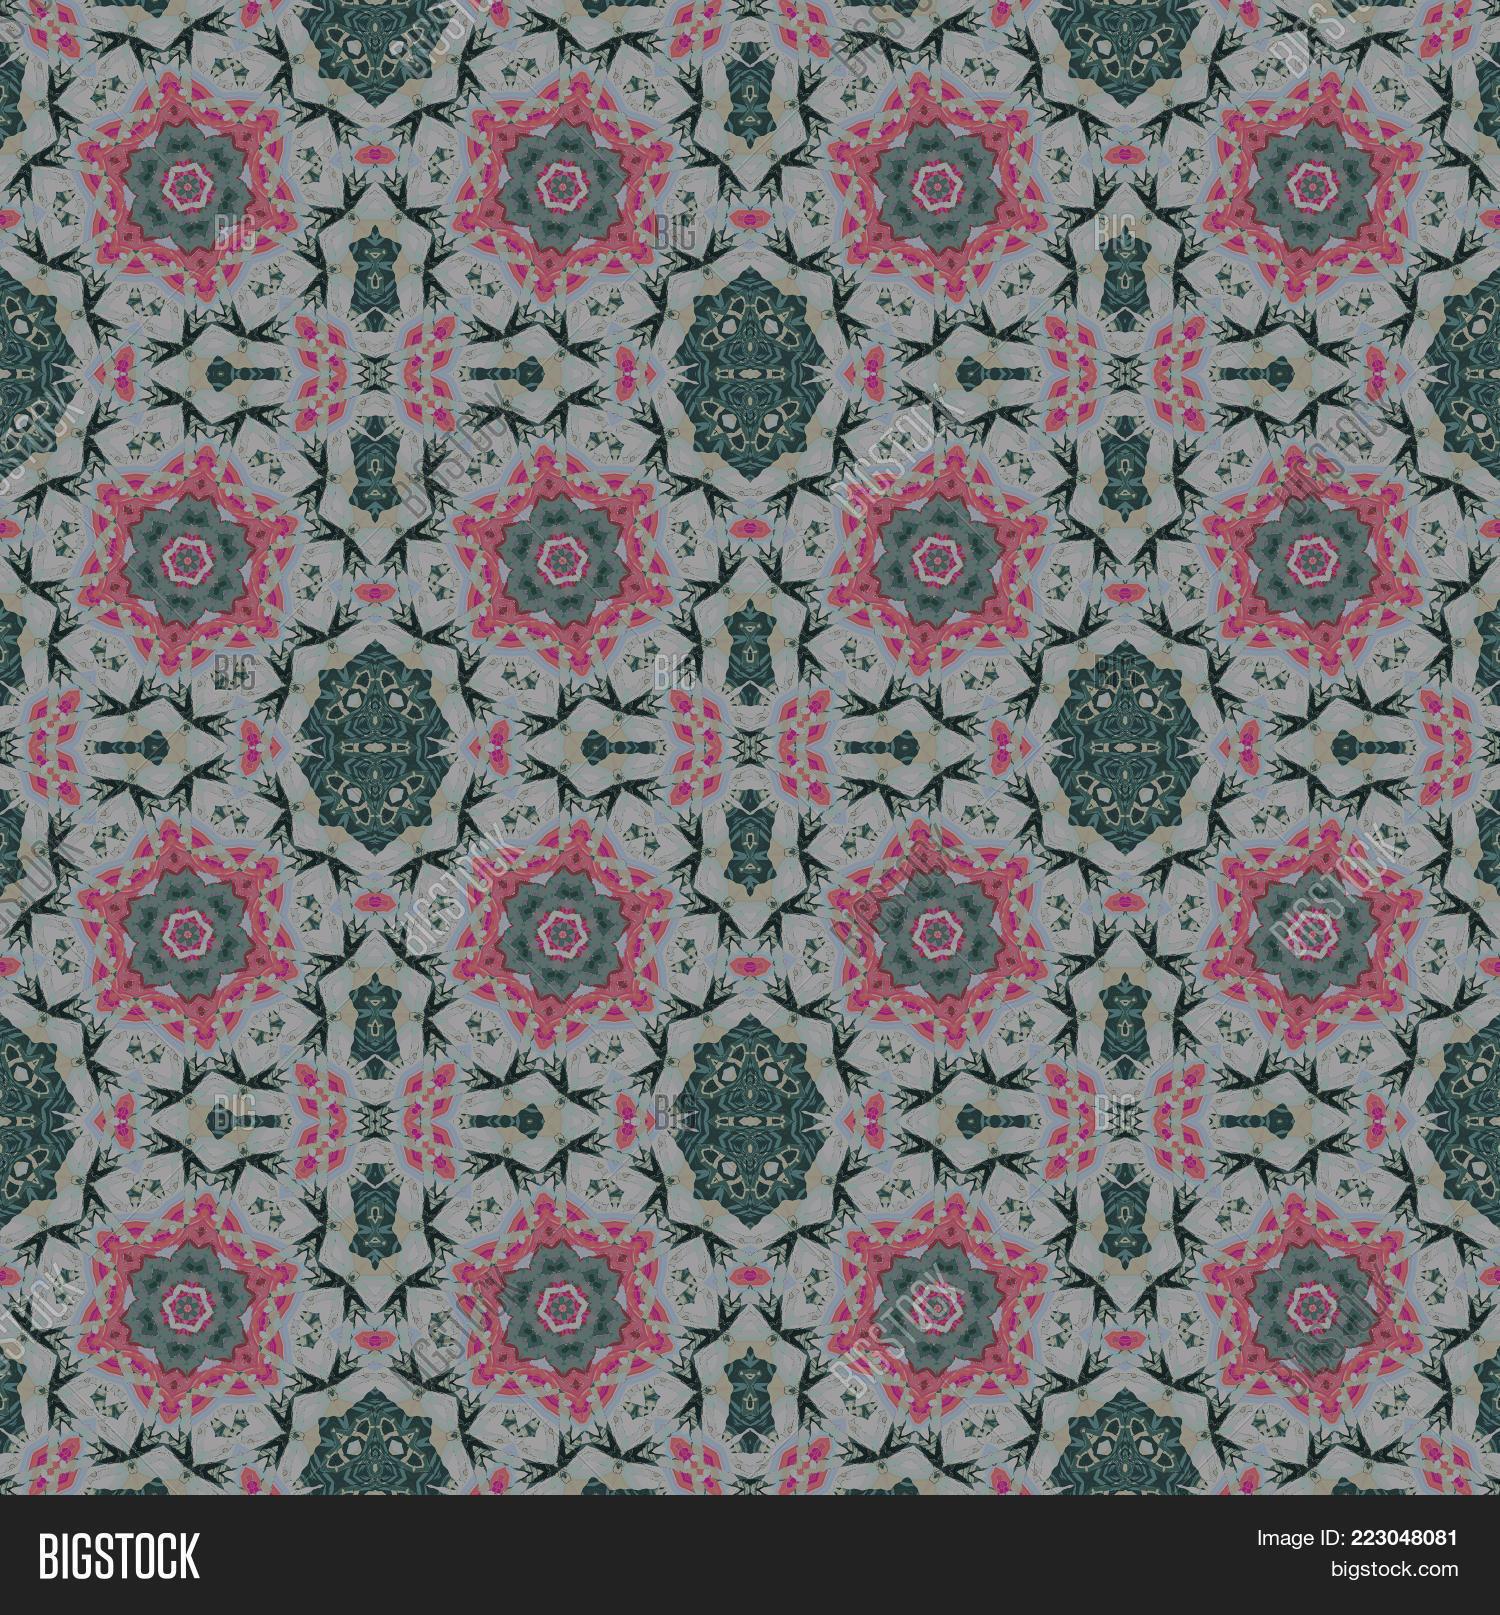 Pattern regular floral powerpoint template pattern regular floral ornamental powerpoint template 60 slides toneelgroepblik Gallery